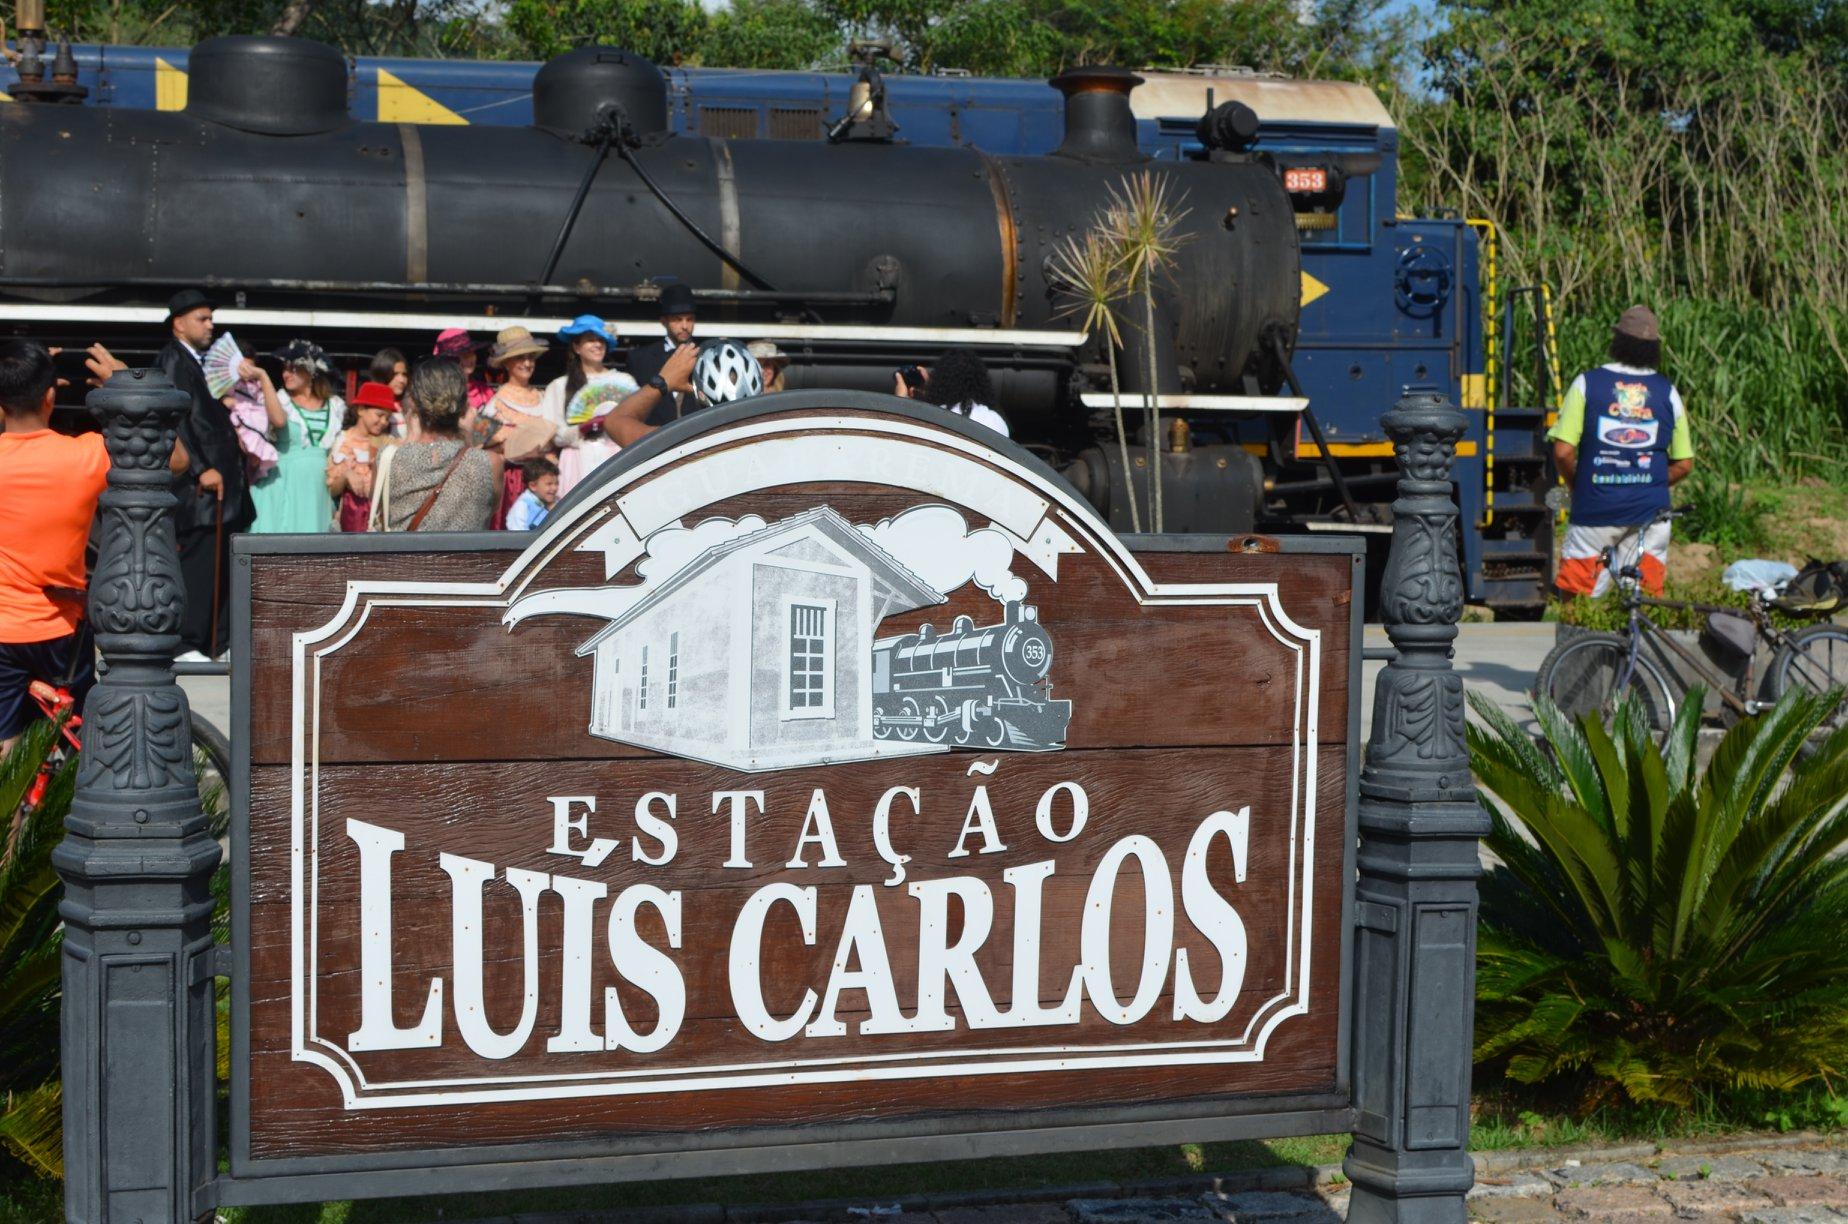 Estação Luis Carlos